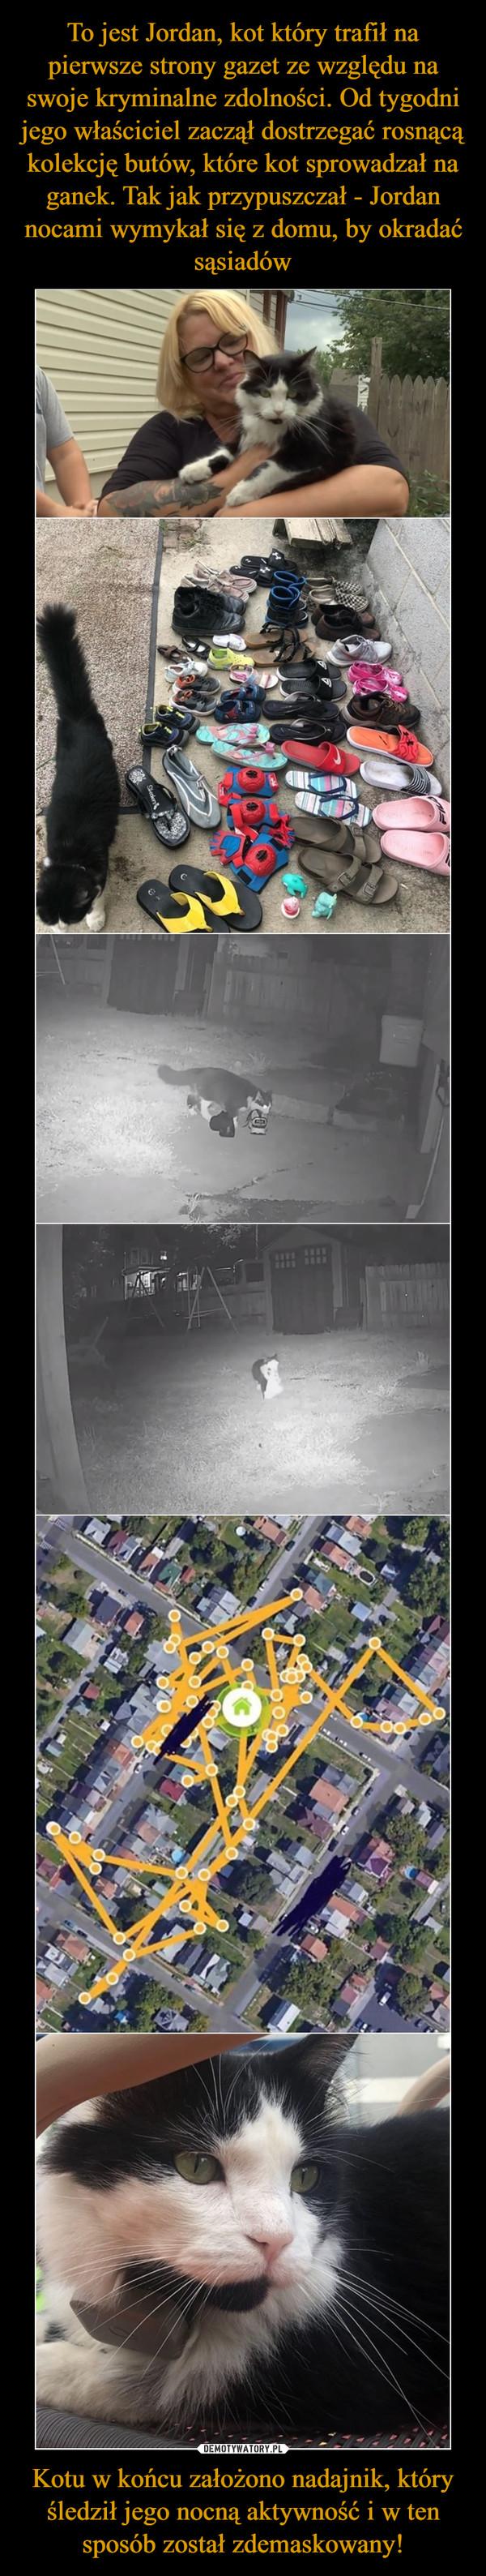 Kotu w końcu założono nadajnik, który śledził jego nocną aktywność i w ten sposób został zdemaskowany! –